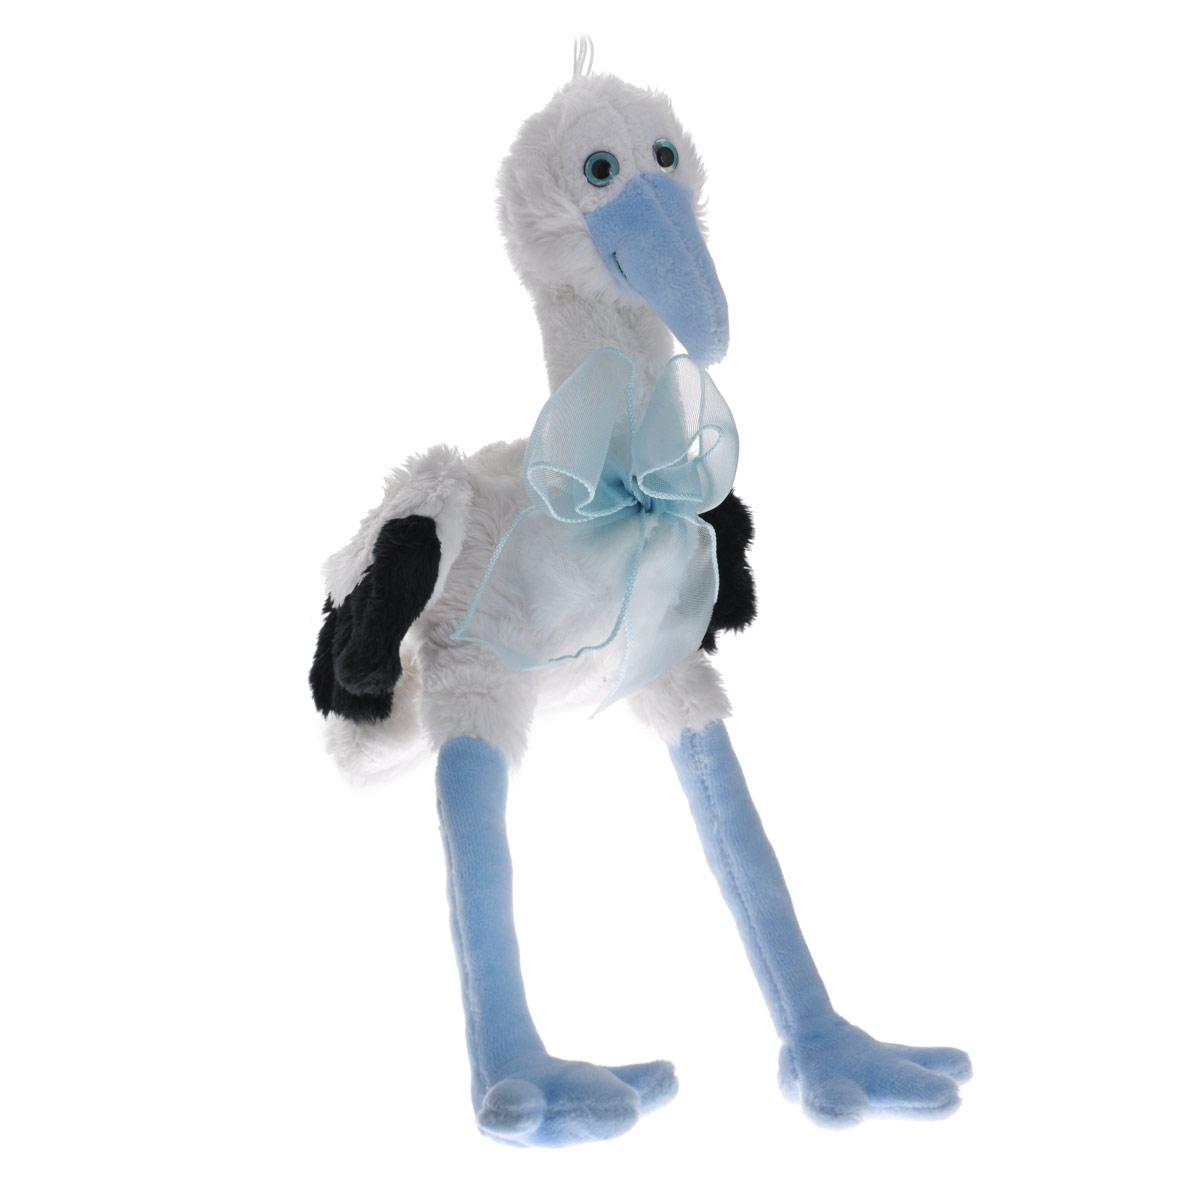 Мягкая игрушка Аист, цвет: белый, голубой, 17 см28060_blue/28060Очаровательная мягкая игрушка Аист вызовет умиление и улыбку у каждого, кто ее увидит. Игрушка выполнена в виде аиста белого и голубого цветов, украшенного большим бантом на шее. Среди достоинств этой игрушки не только внешний вид и приятная текстура, аист невероятно прочный. Такая игрушка станет замечательным подарком, как ребенку, так и взрослому и украсит любой интерьер. Великолепное качество исполнения делают эту игрушку чудесным подарком к любому празднику.